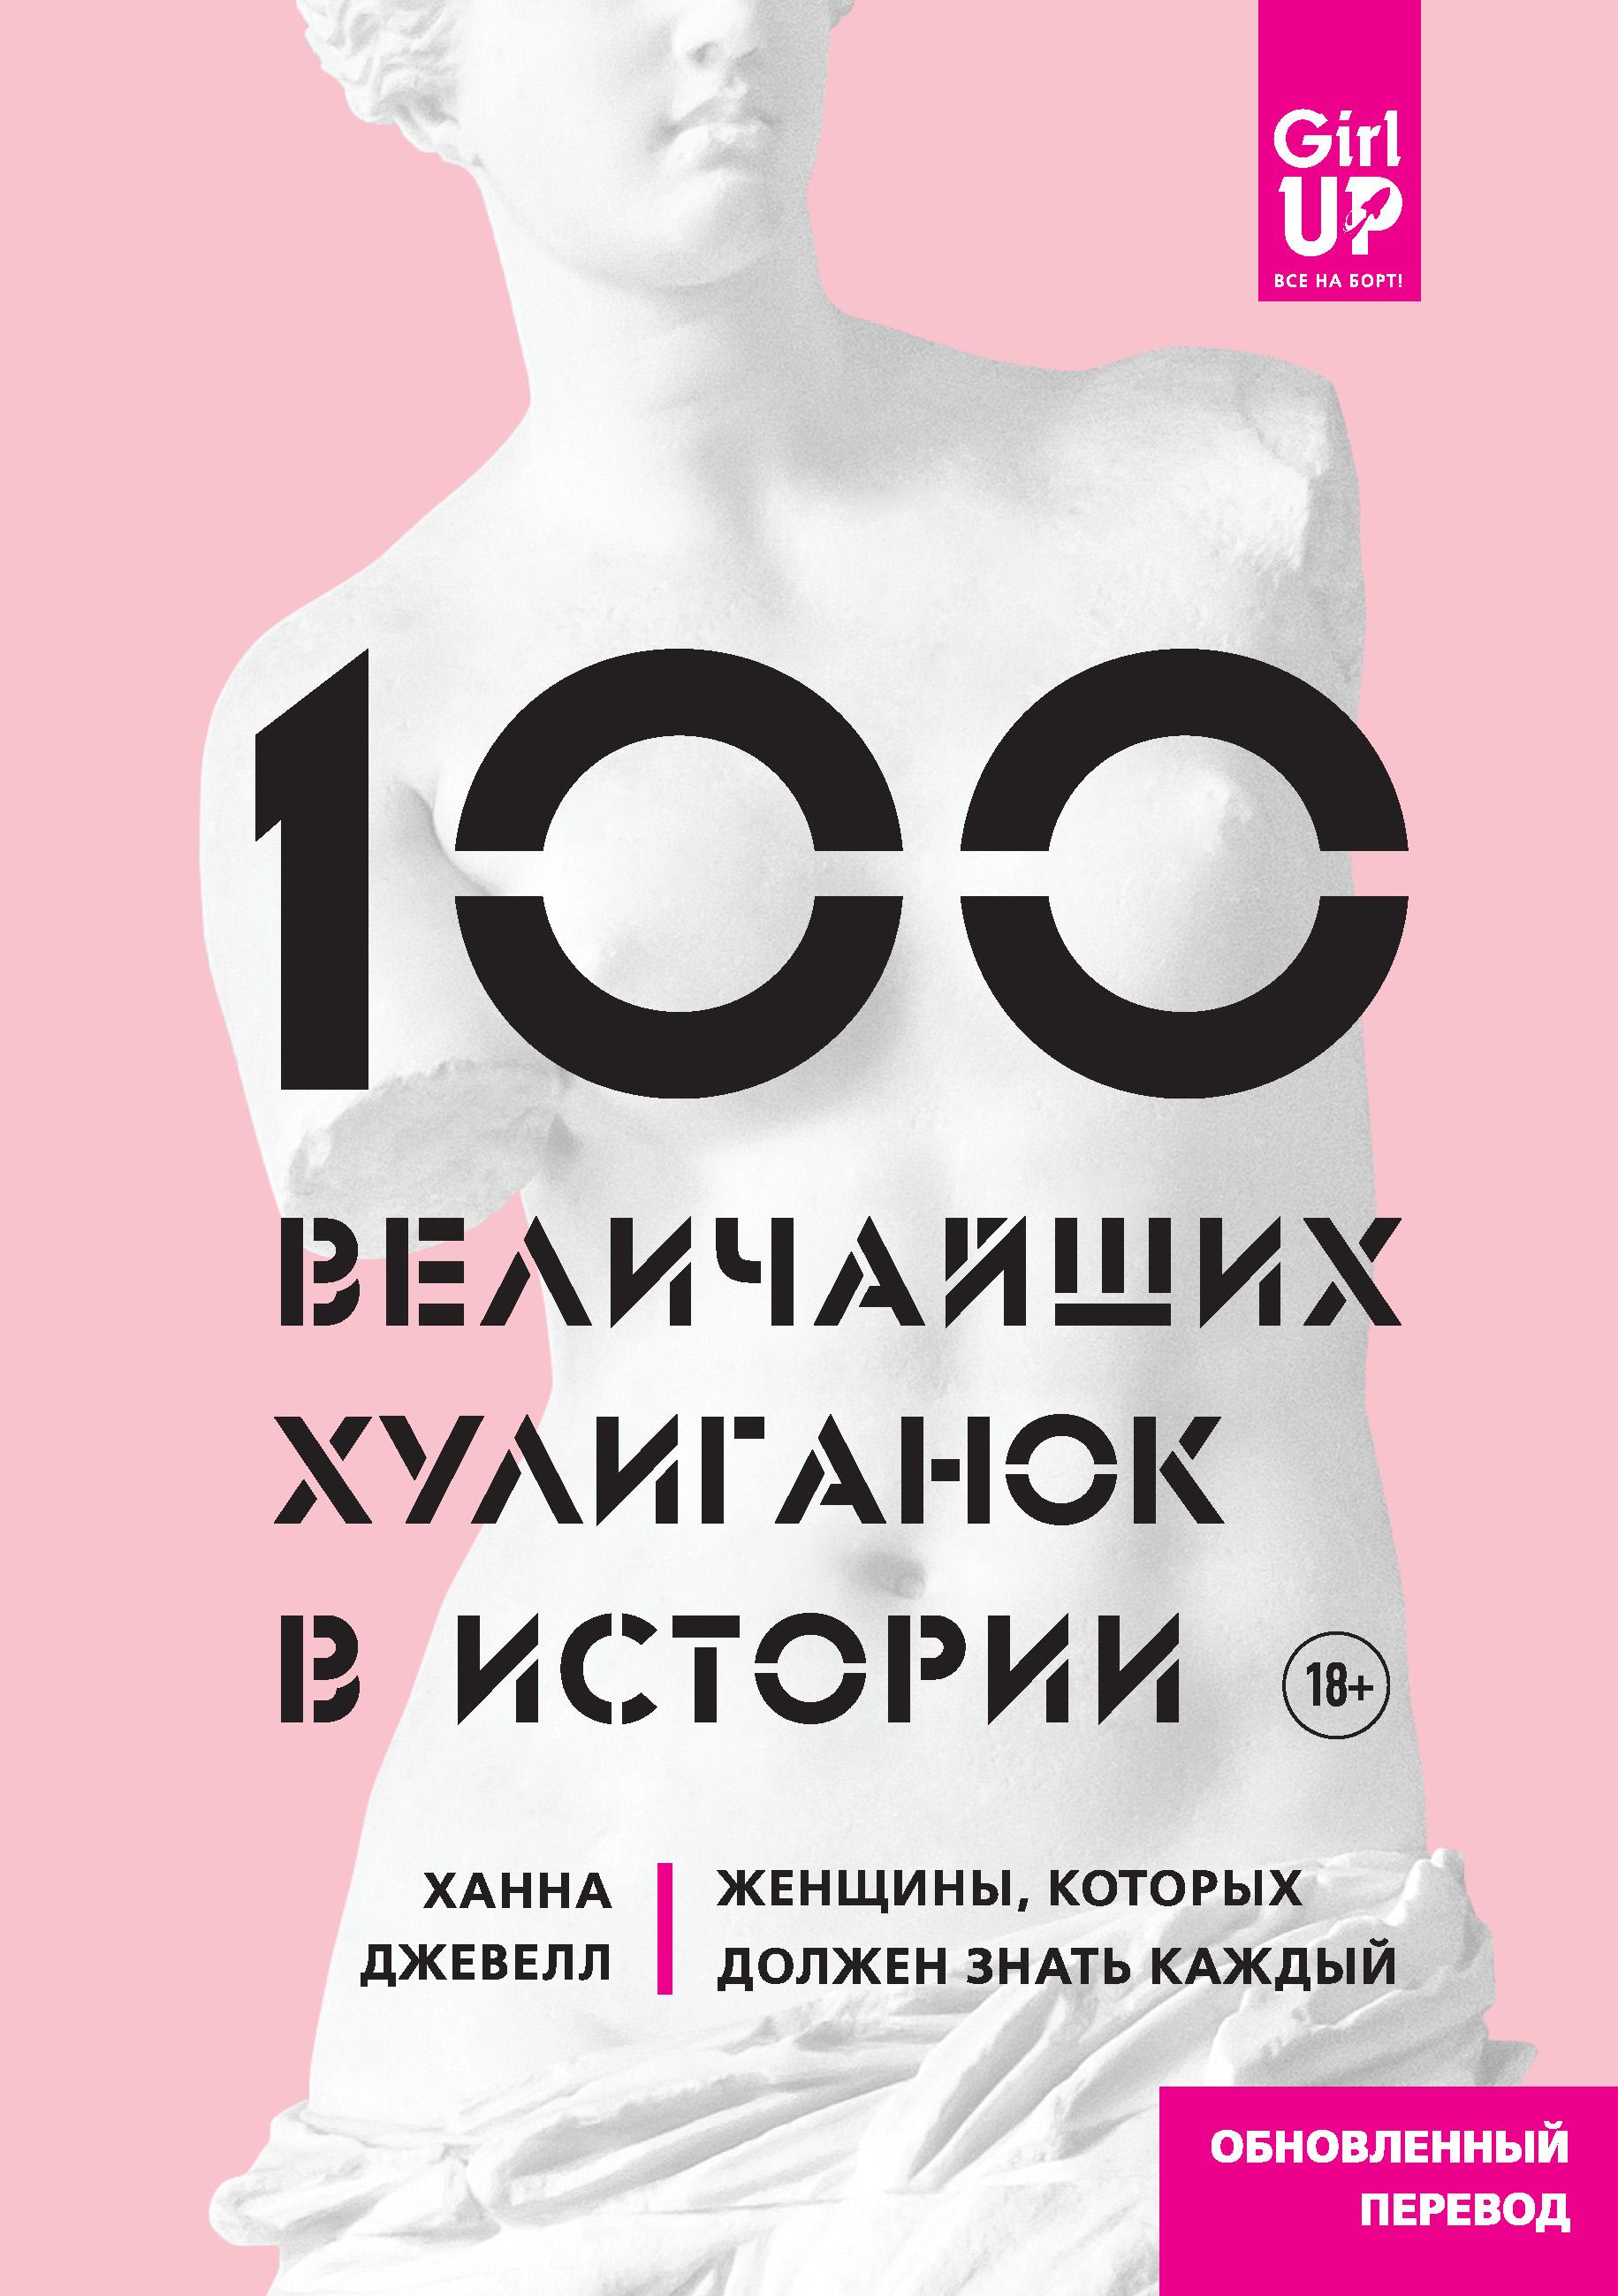 Ханна Джевелл 100 величайших хулиганок в истории. Женщины, которых должен знать каждый ханна джевелл 100 величайших хулиганок в истории женщины которых должен знать каждый